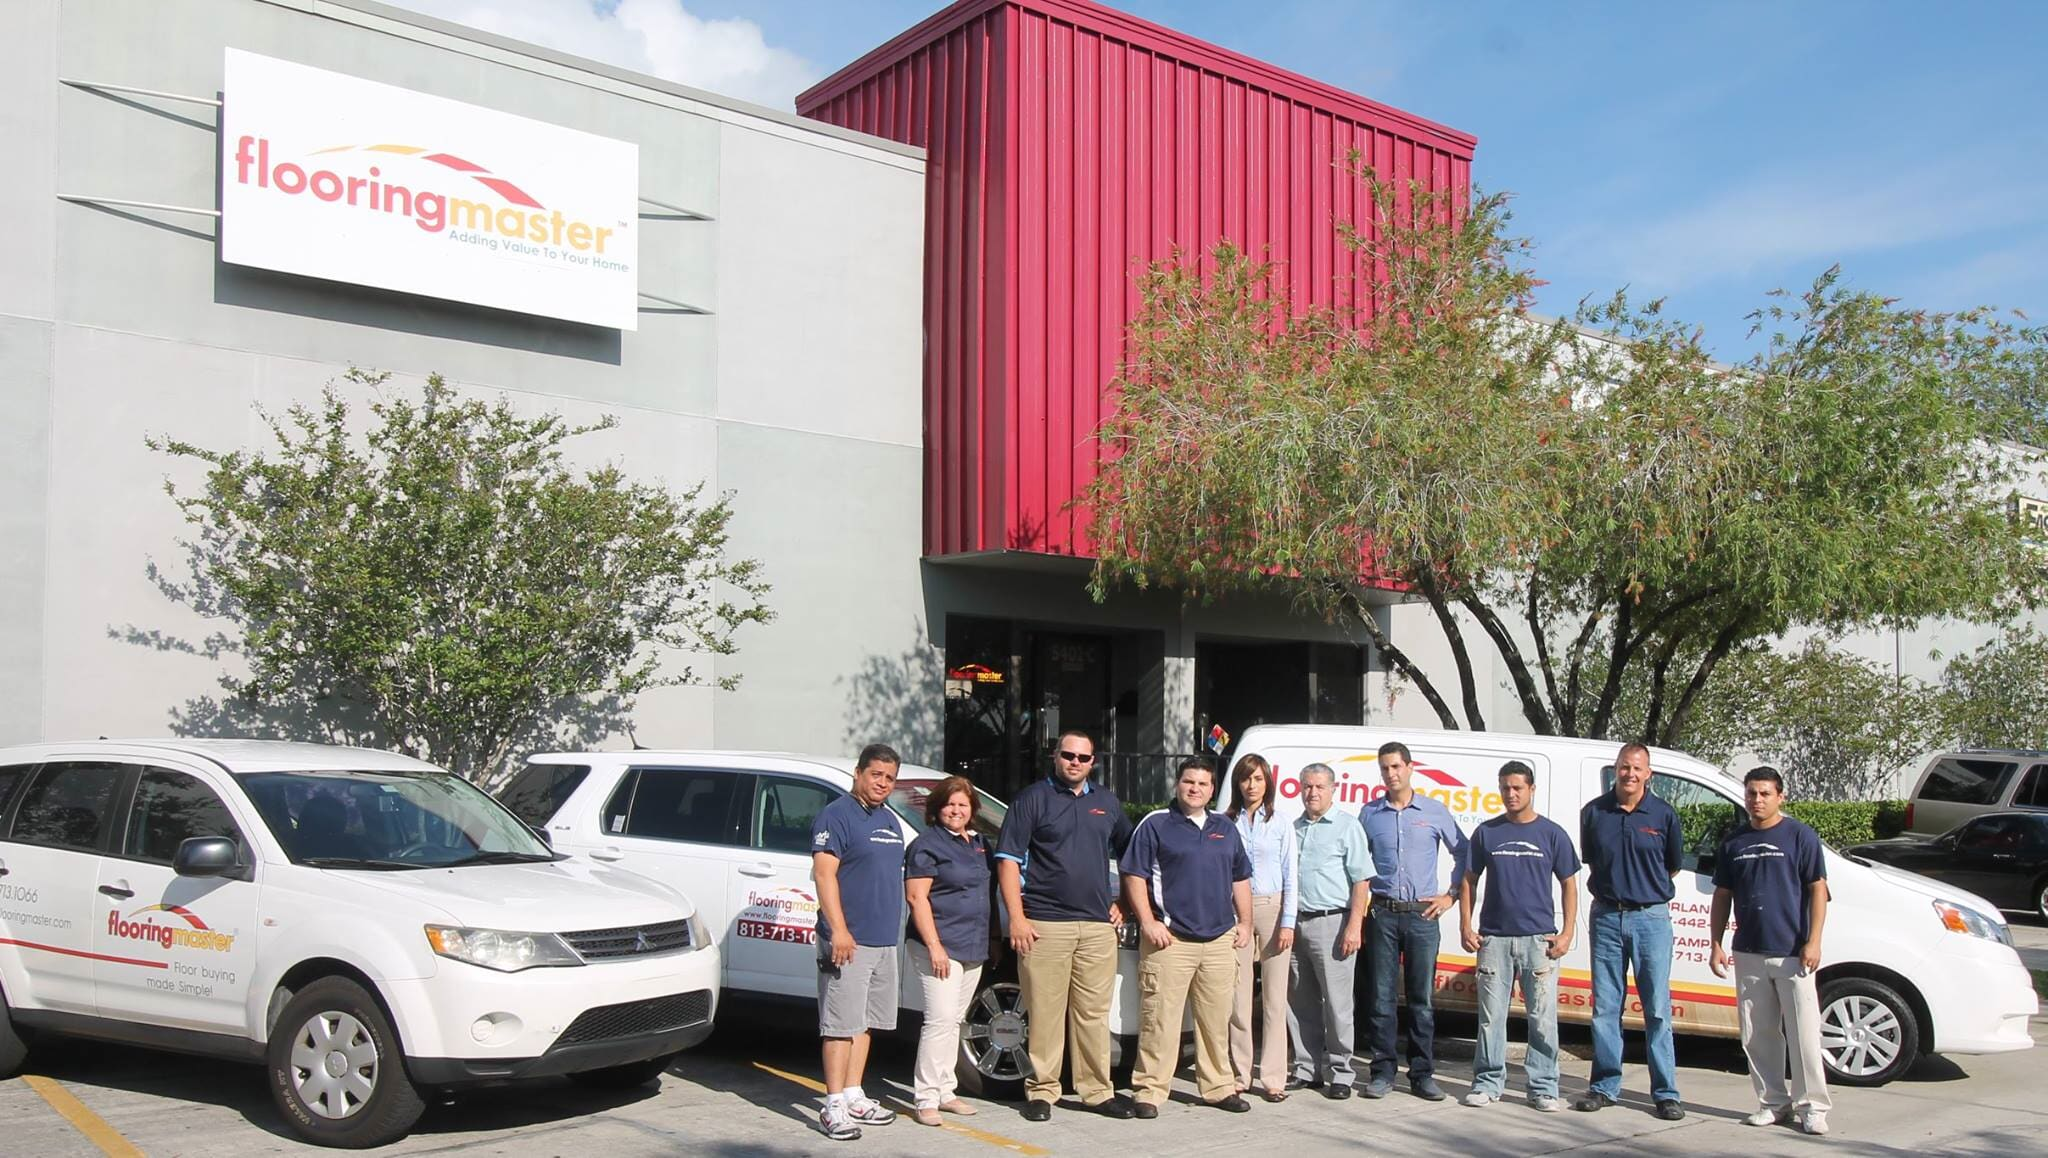 Flooring store in Orlando FL from Flooring Master